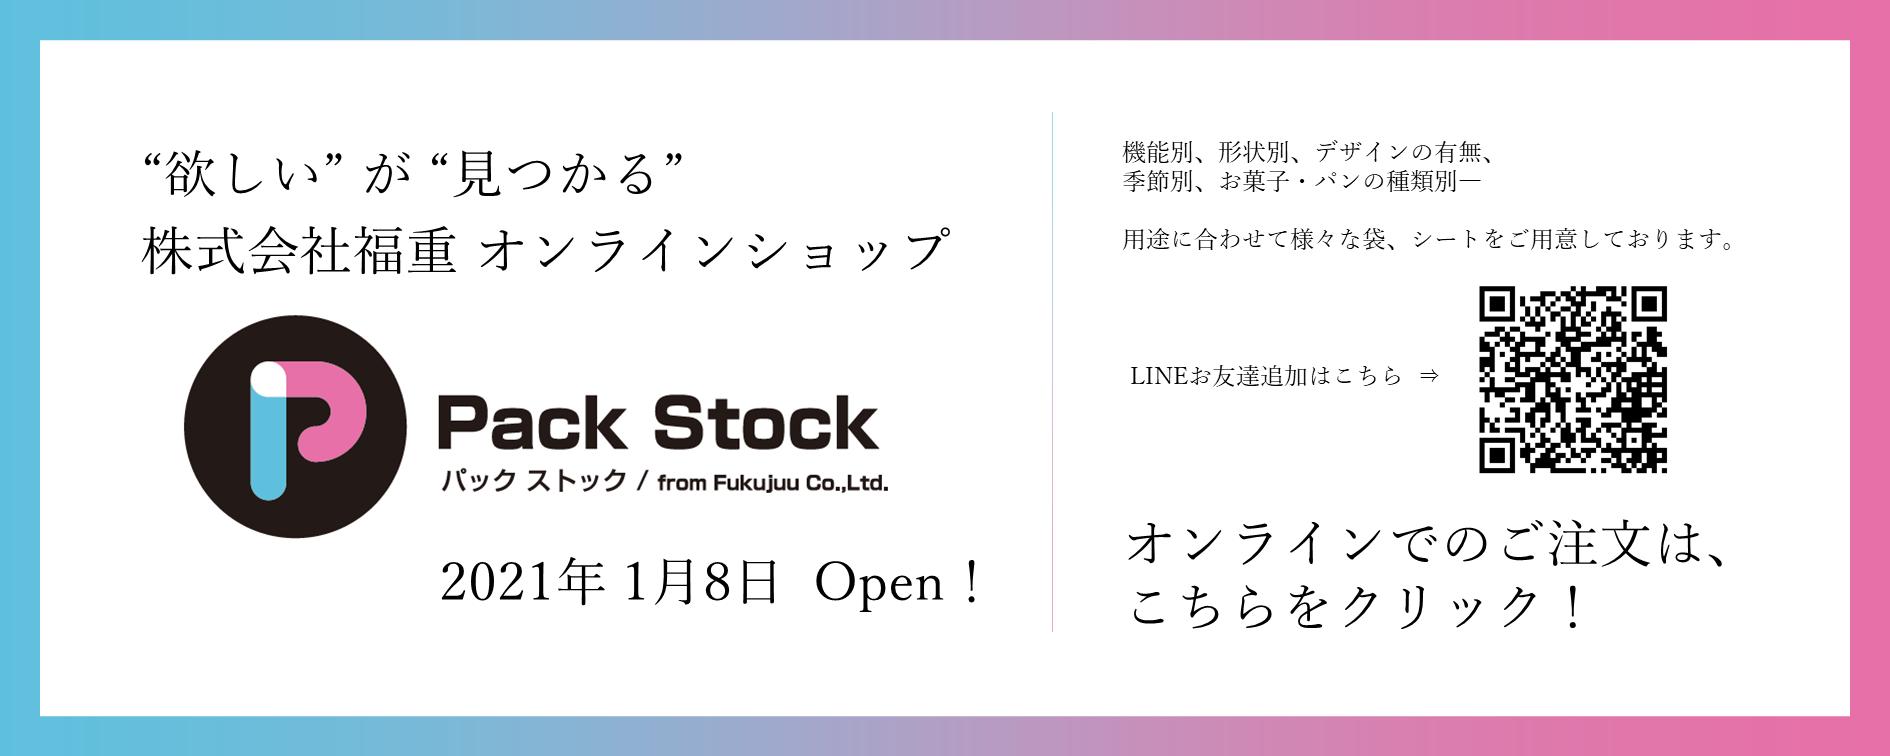 PackStock